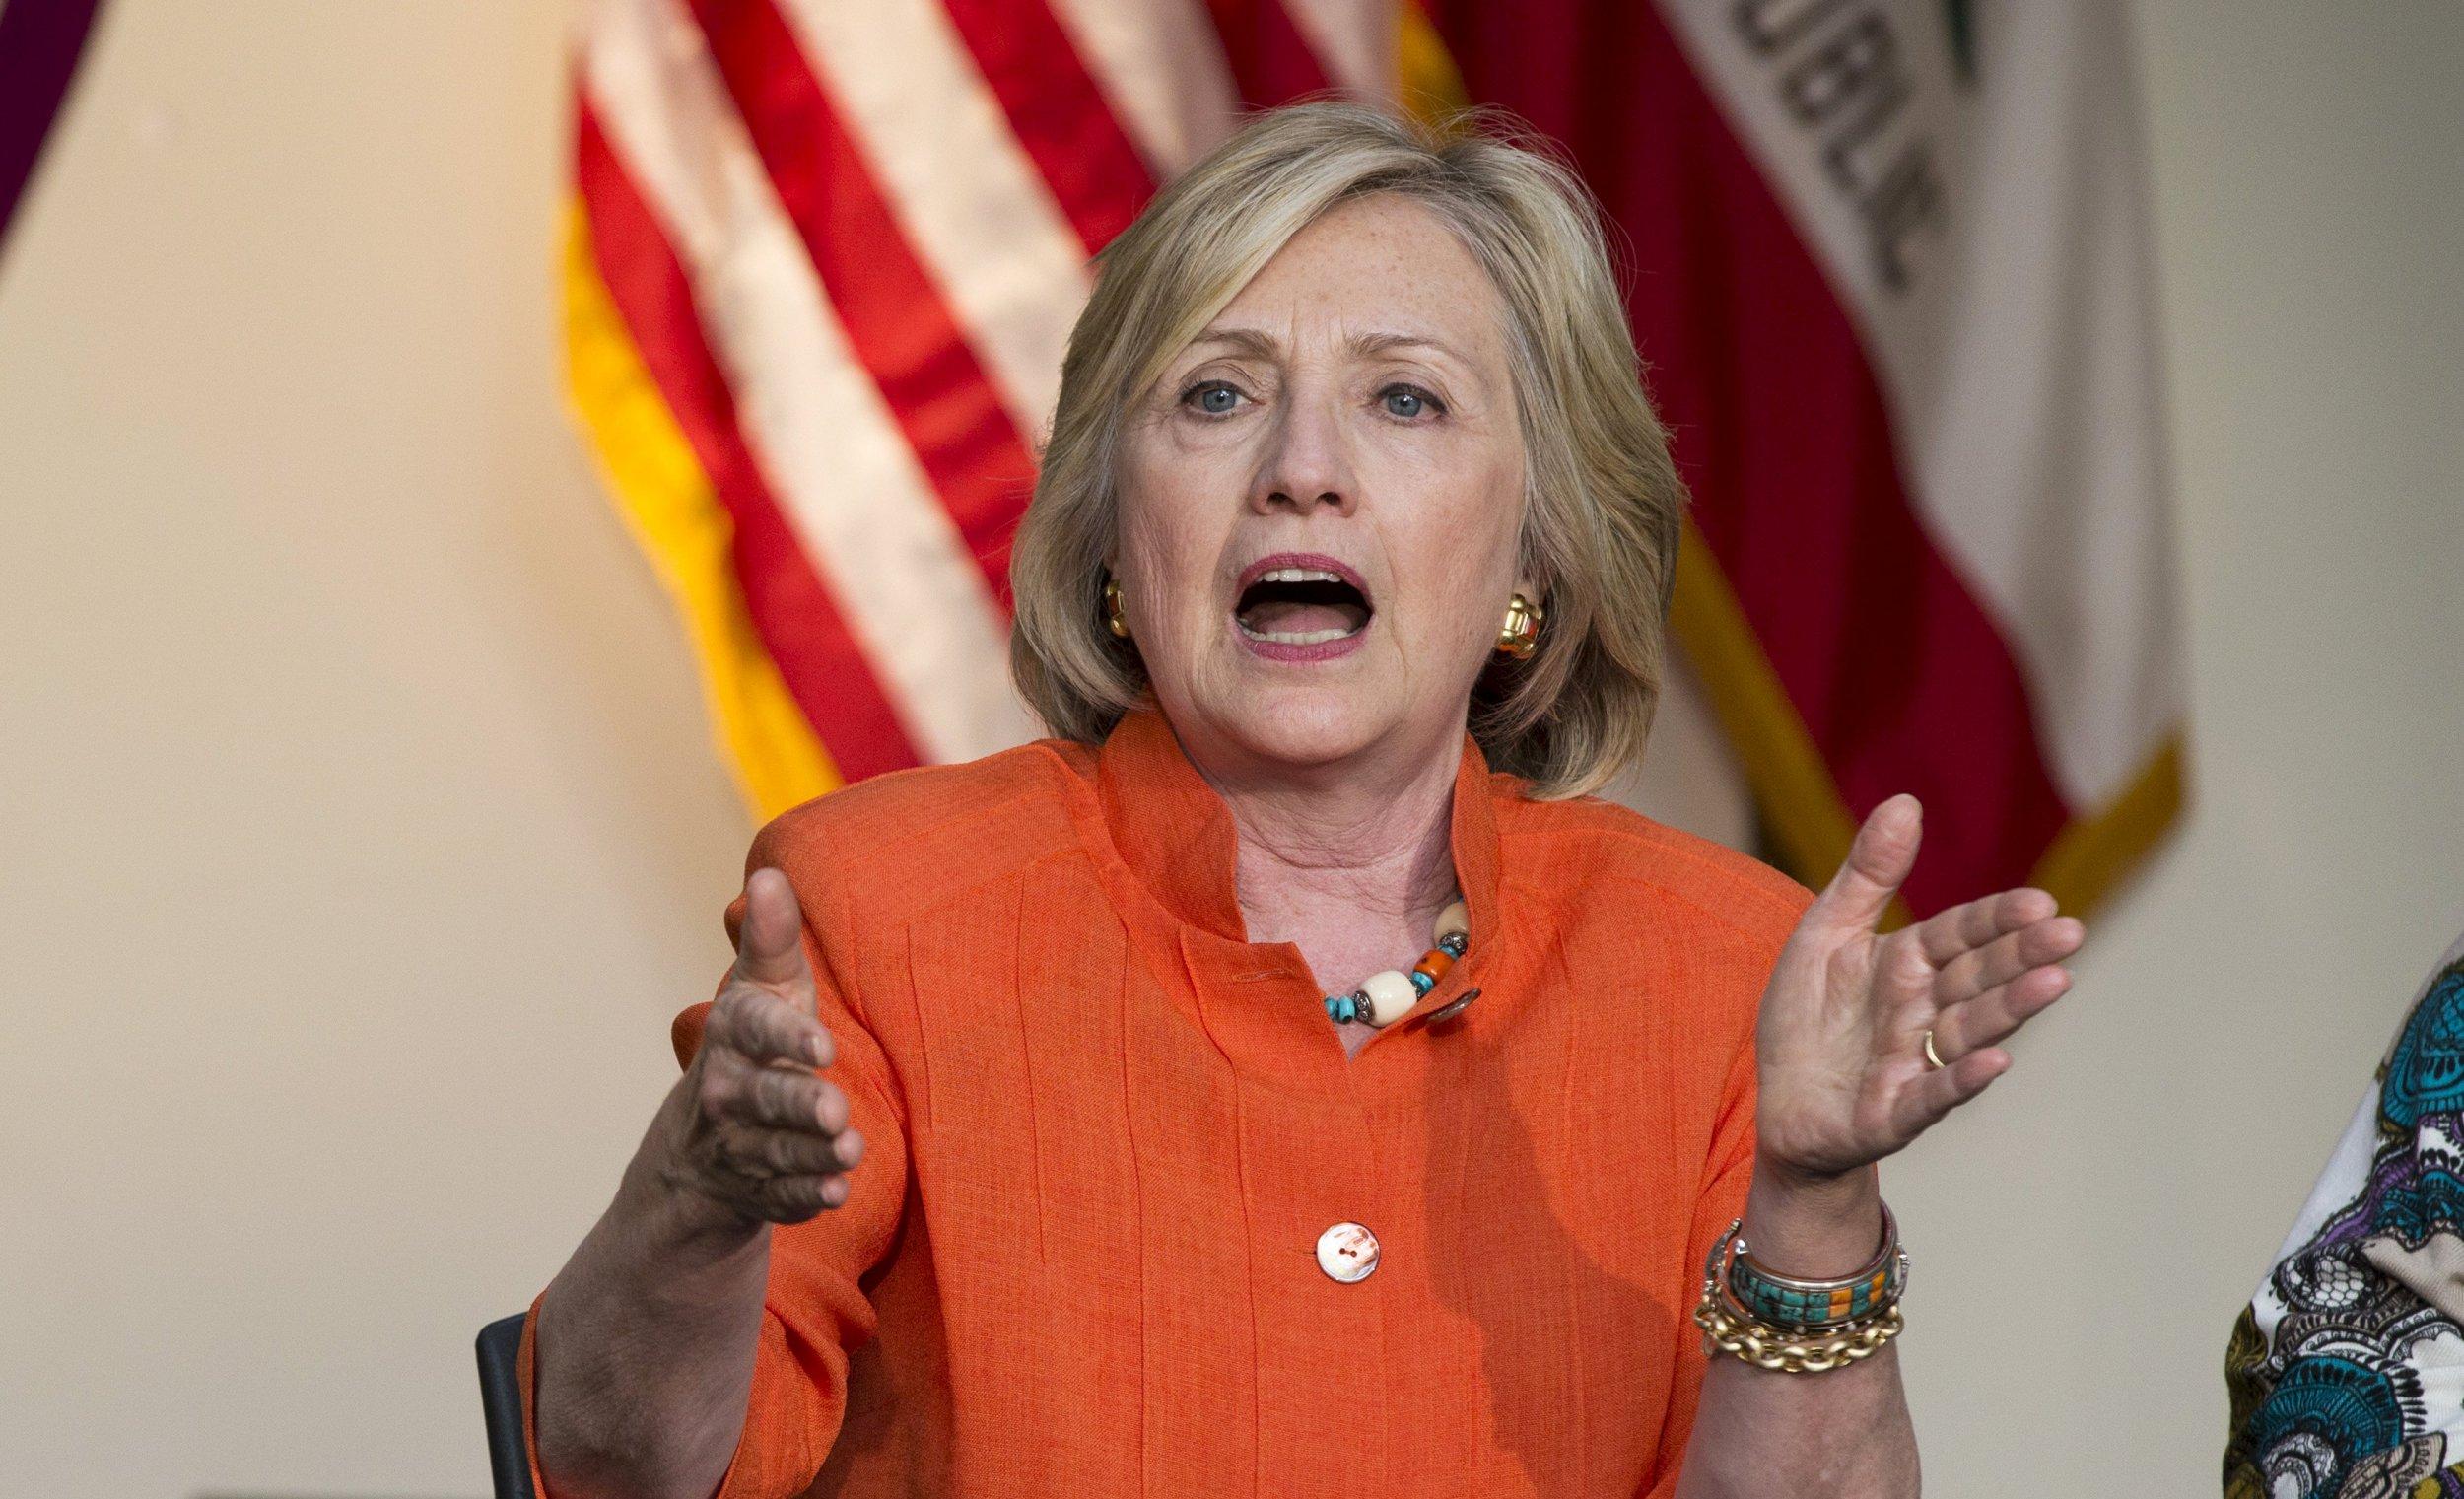 08_18_HillaryClinton_01